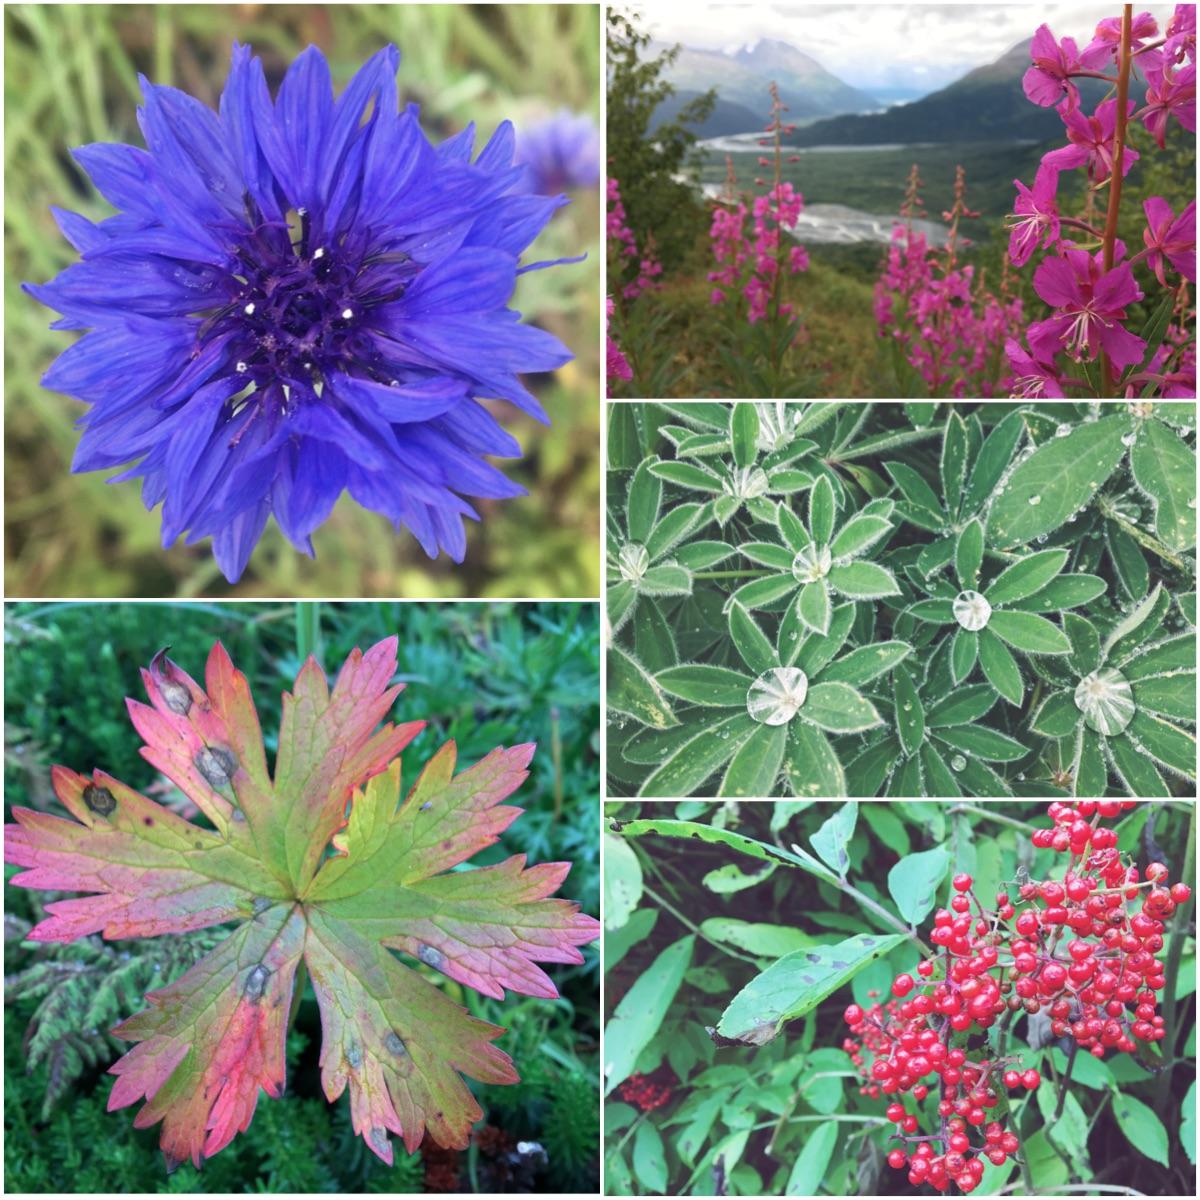 Natura in Alaska - Itinerario di 10 giorni in Alaska - penisola del Kenai